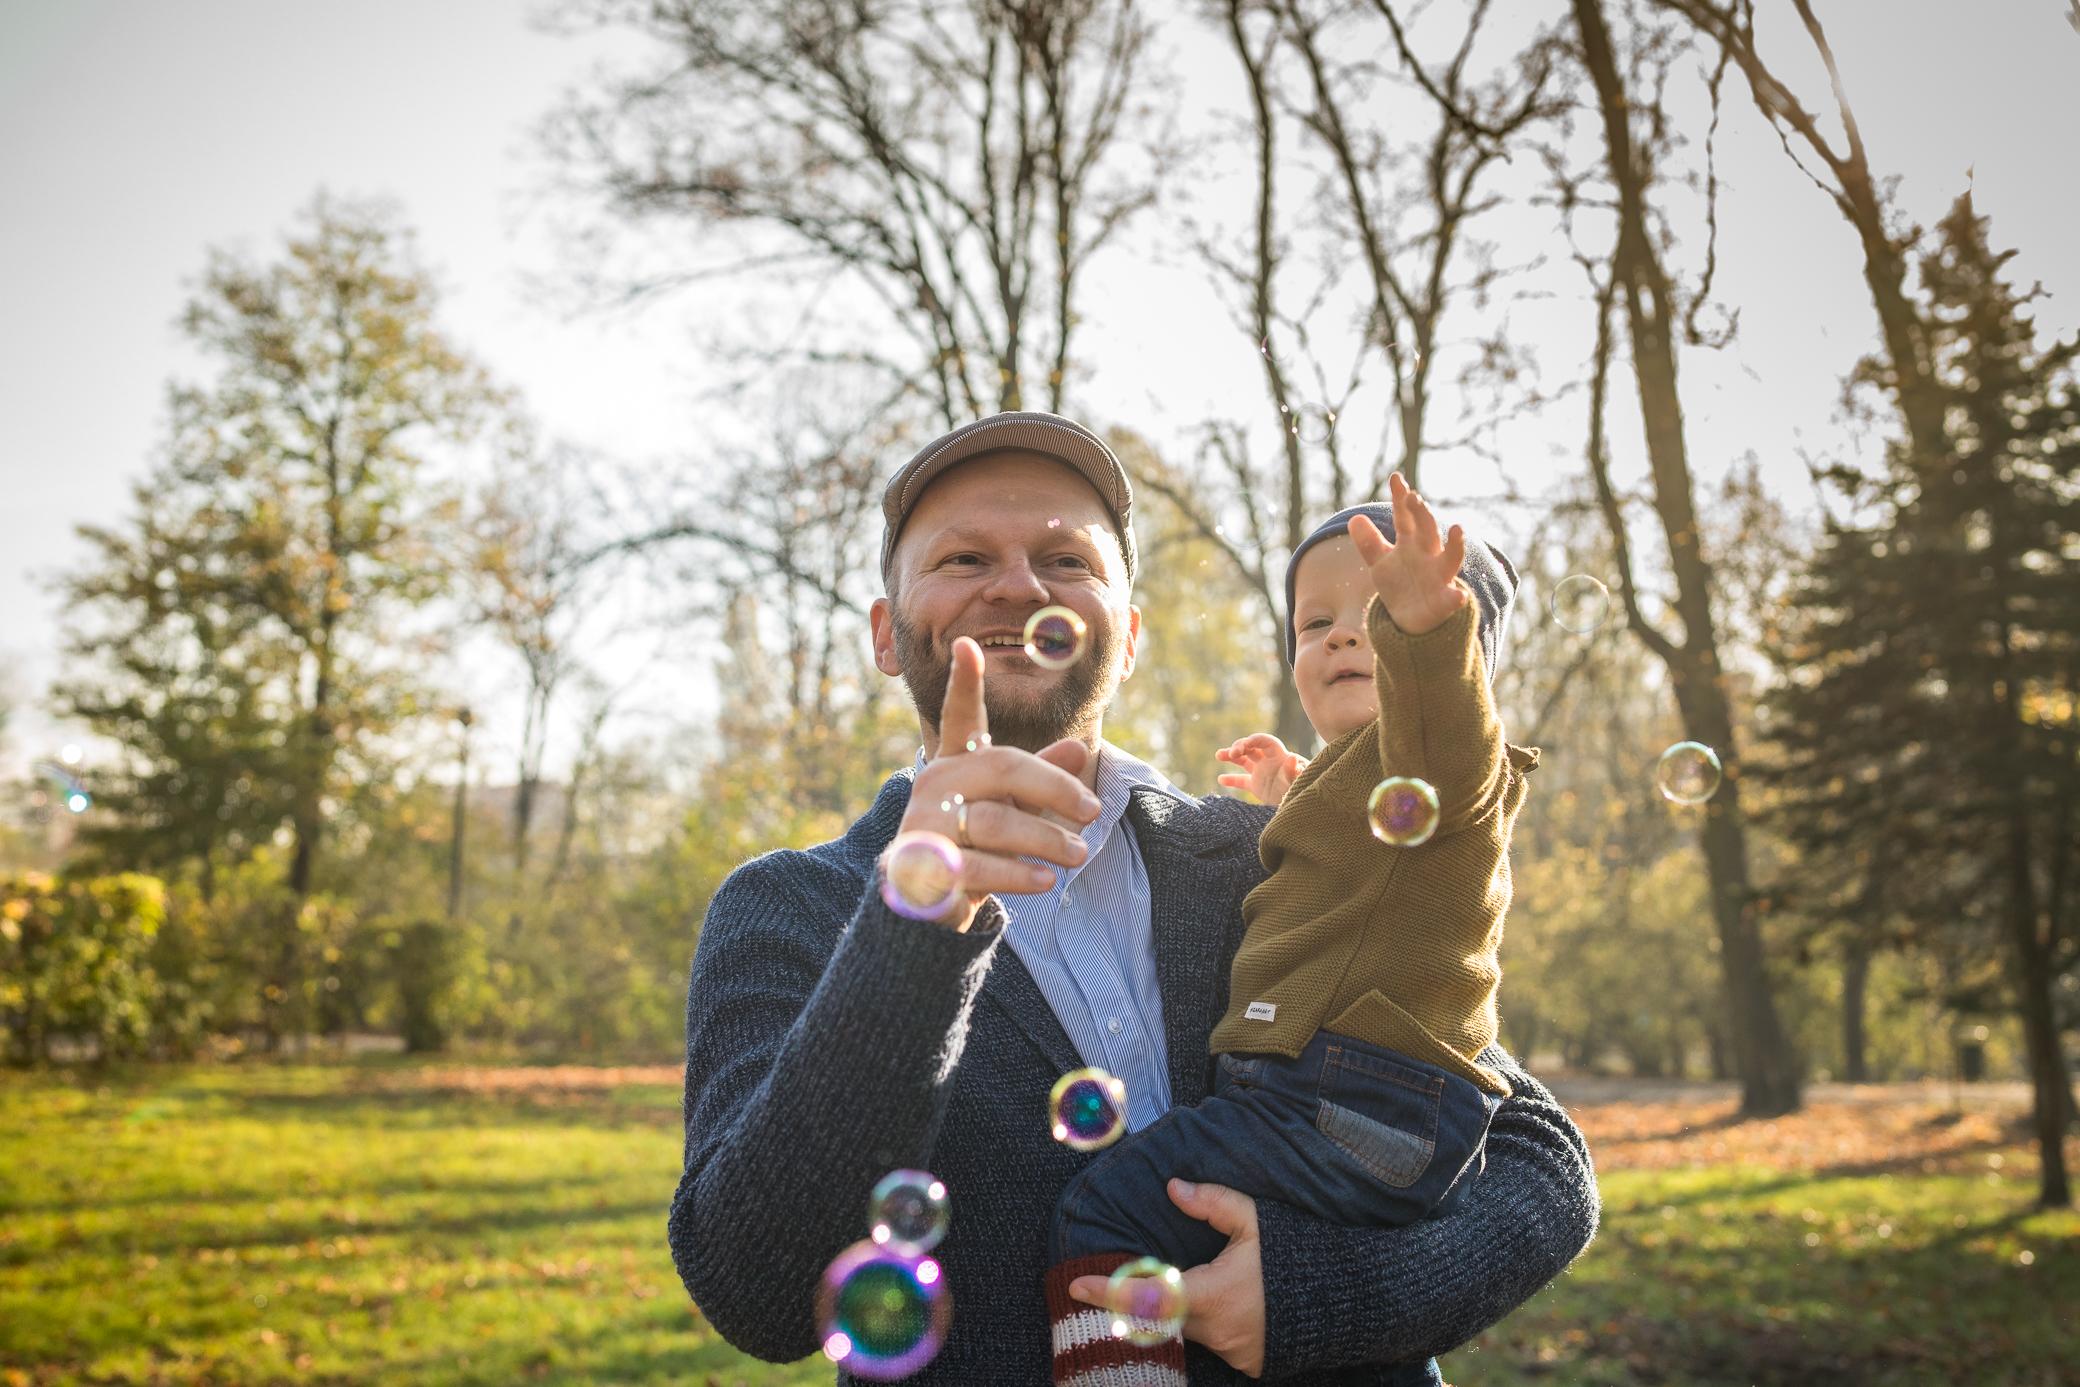 naturalne sesje zdjęciowe kraków z dzieckiem